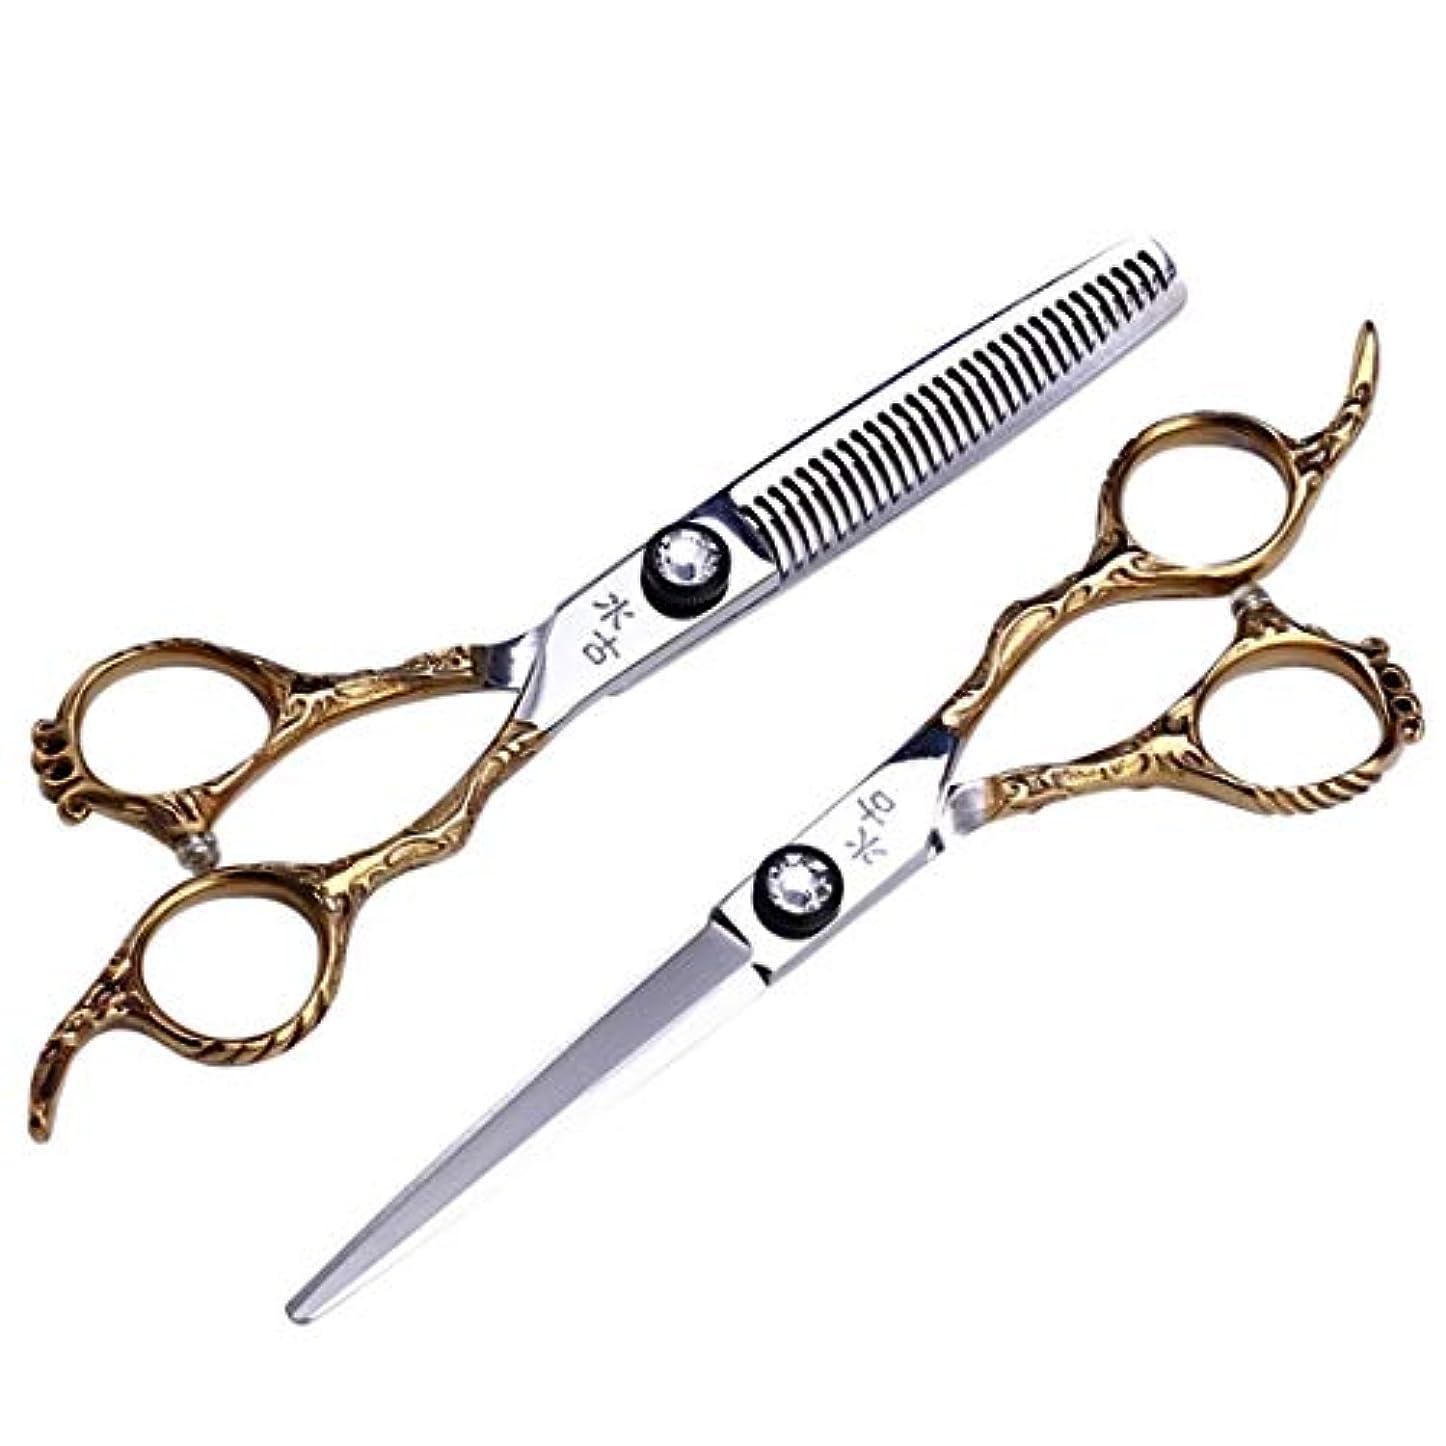 ボイラー天文学変換Jiaoran 水古代理髪はさみ理髪はさみヘアスタイリスト特別なフラットはさみ歯はさみ間伐剪断散髪6インチ